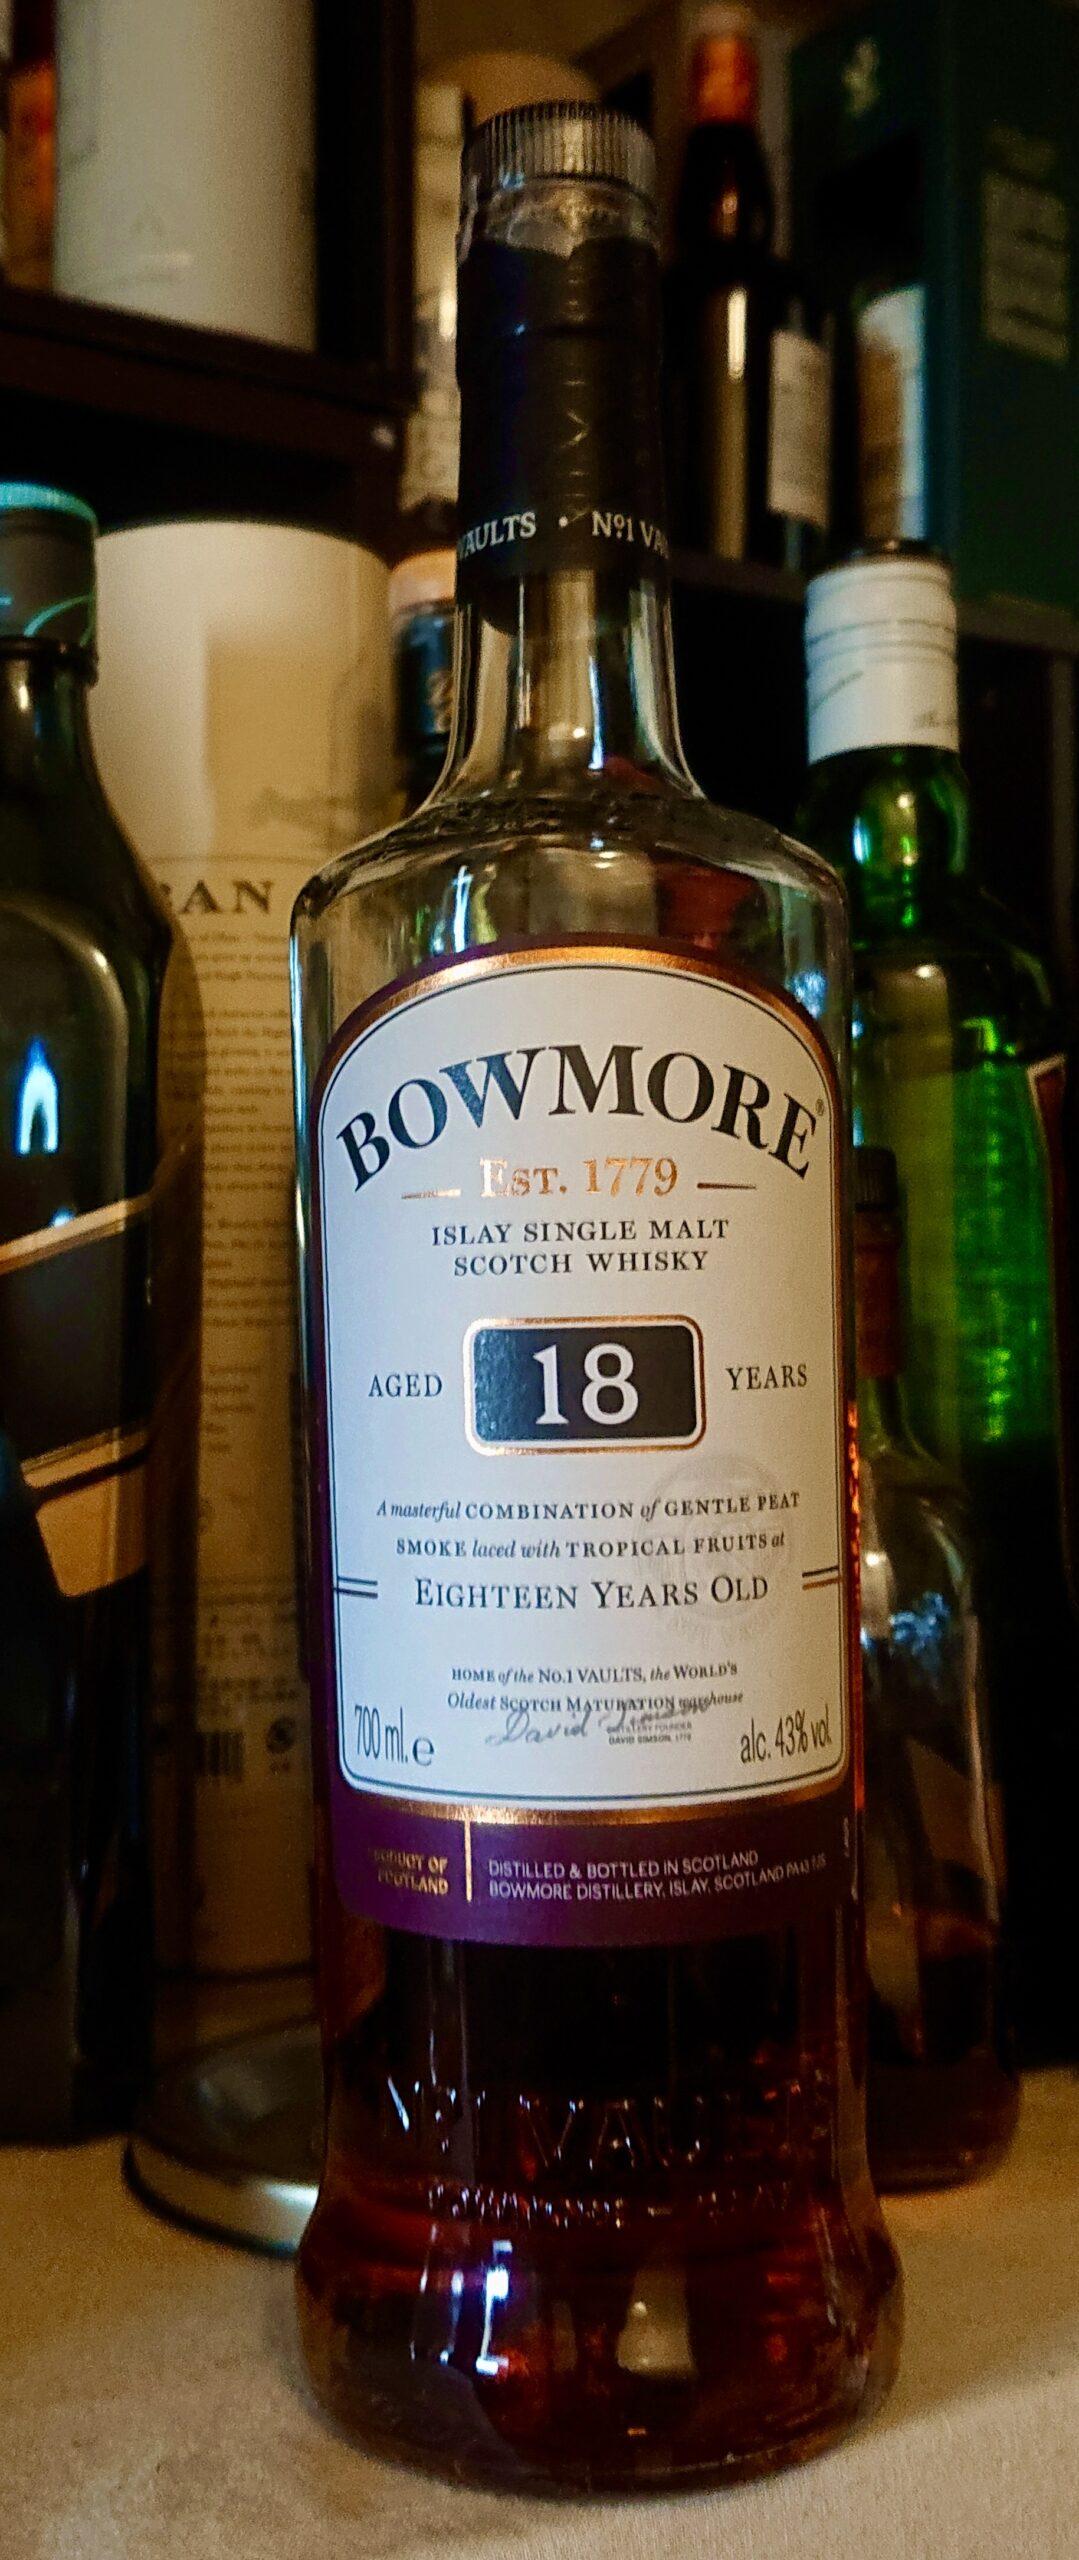 ボウモア18年のテイスティング&レヴュー・生まれ変わったボウモア18年を改めてレヴュー。深く豊かにスイートなボウモア!